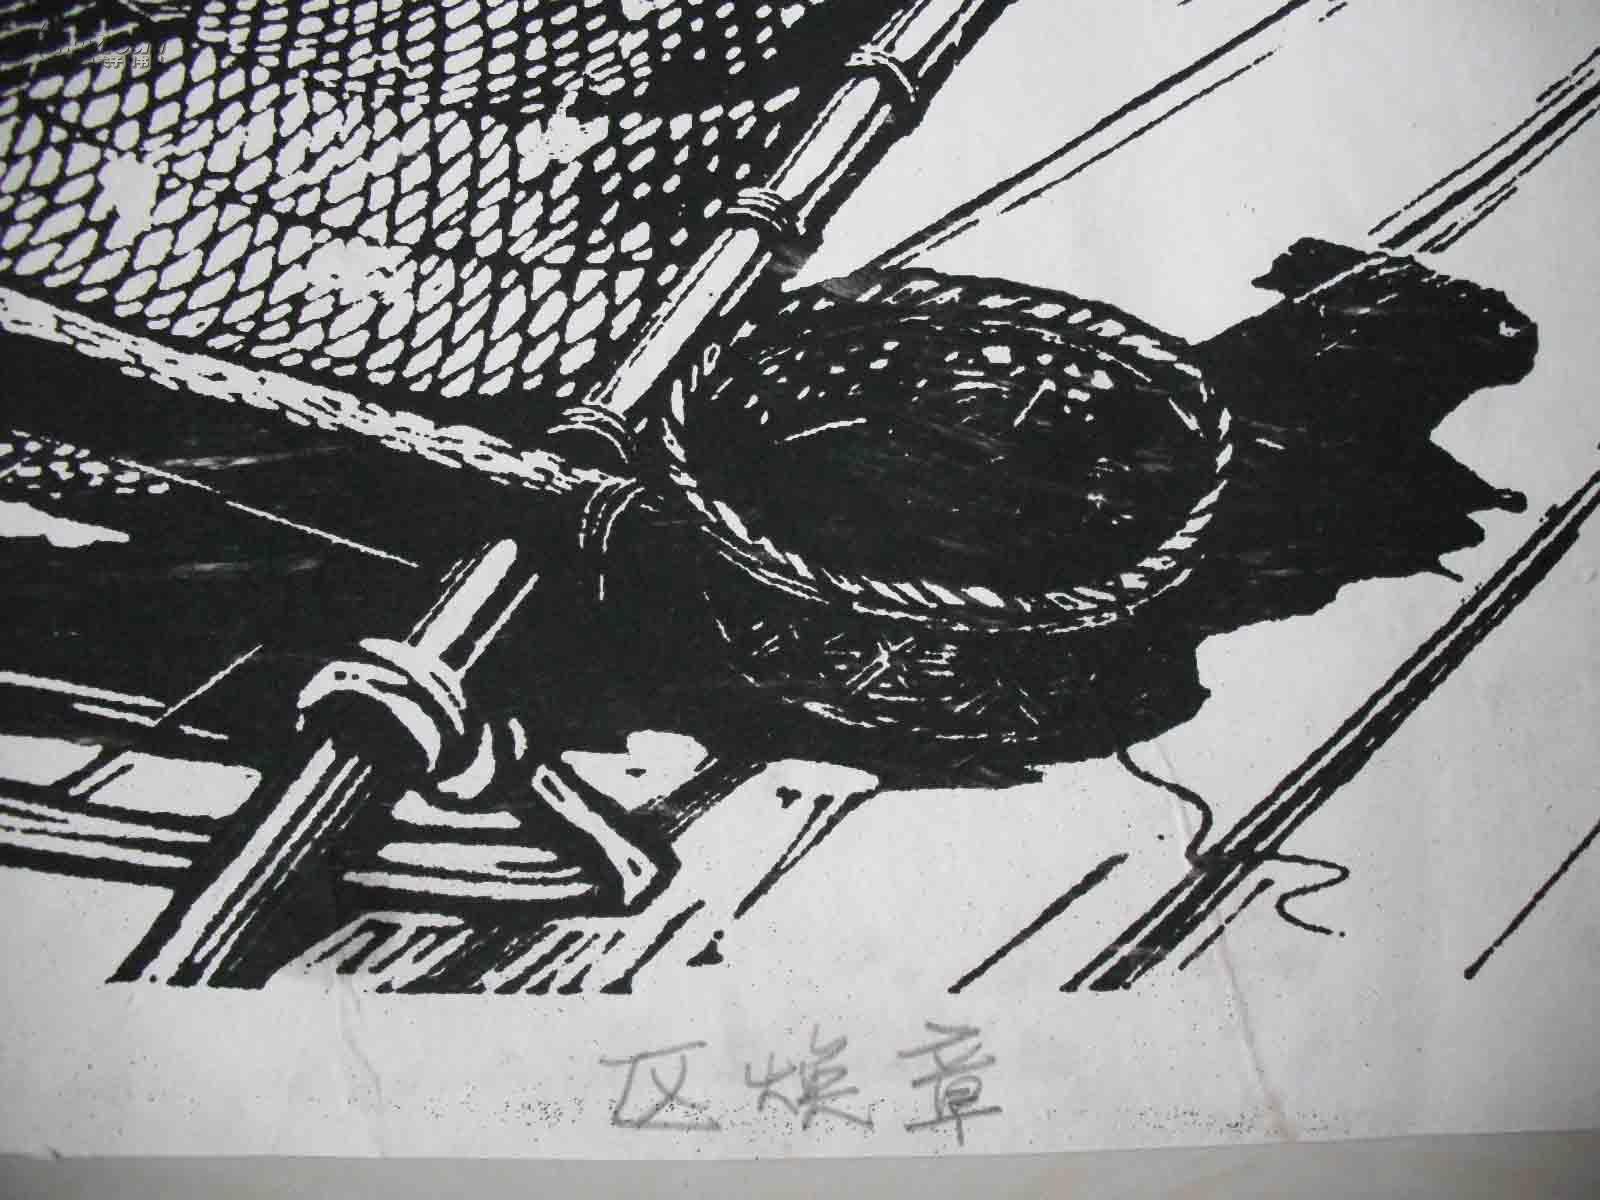 黑白木刻版画 渔家 作者:区焕章 拍品编号:11104633